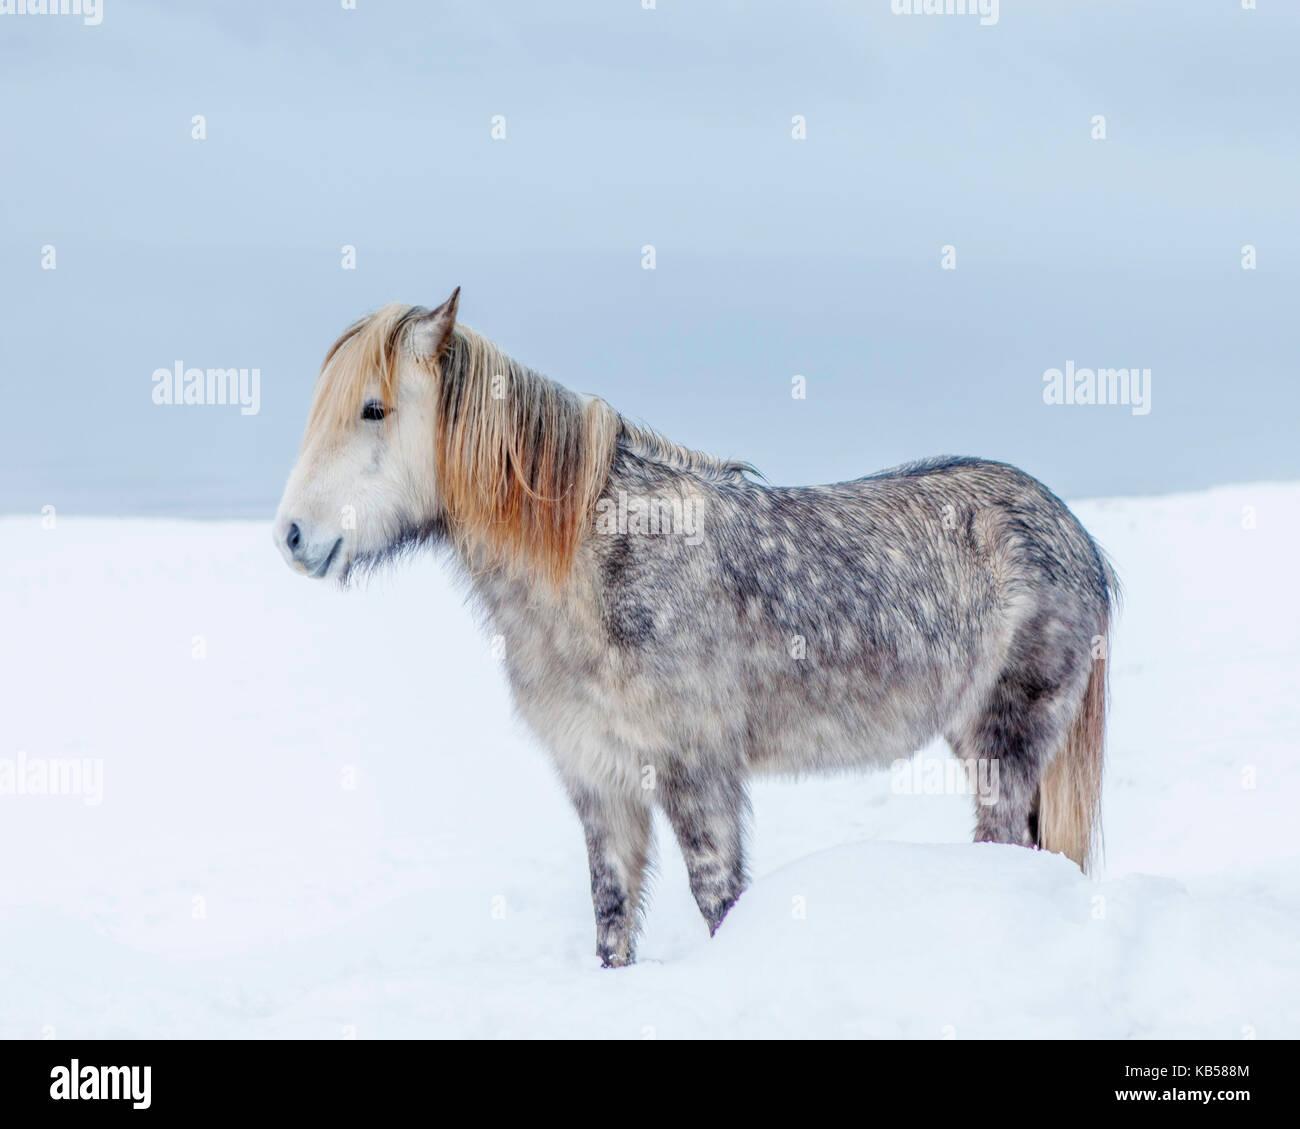 Ritratto di cavalli islandesi, Islanda il cavallo islandese è una razza sviluppata in Islanda con molte caratteristiche Immagini Stock